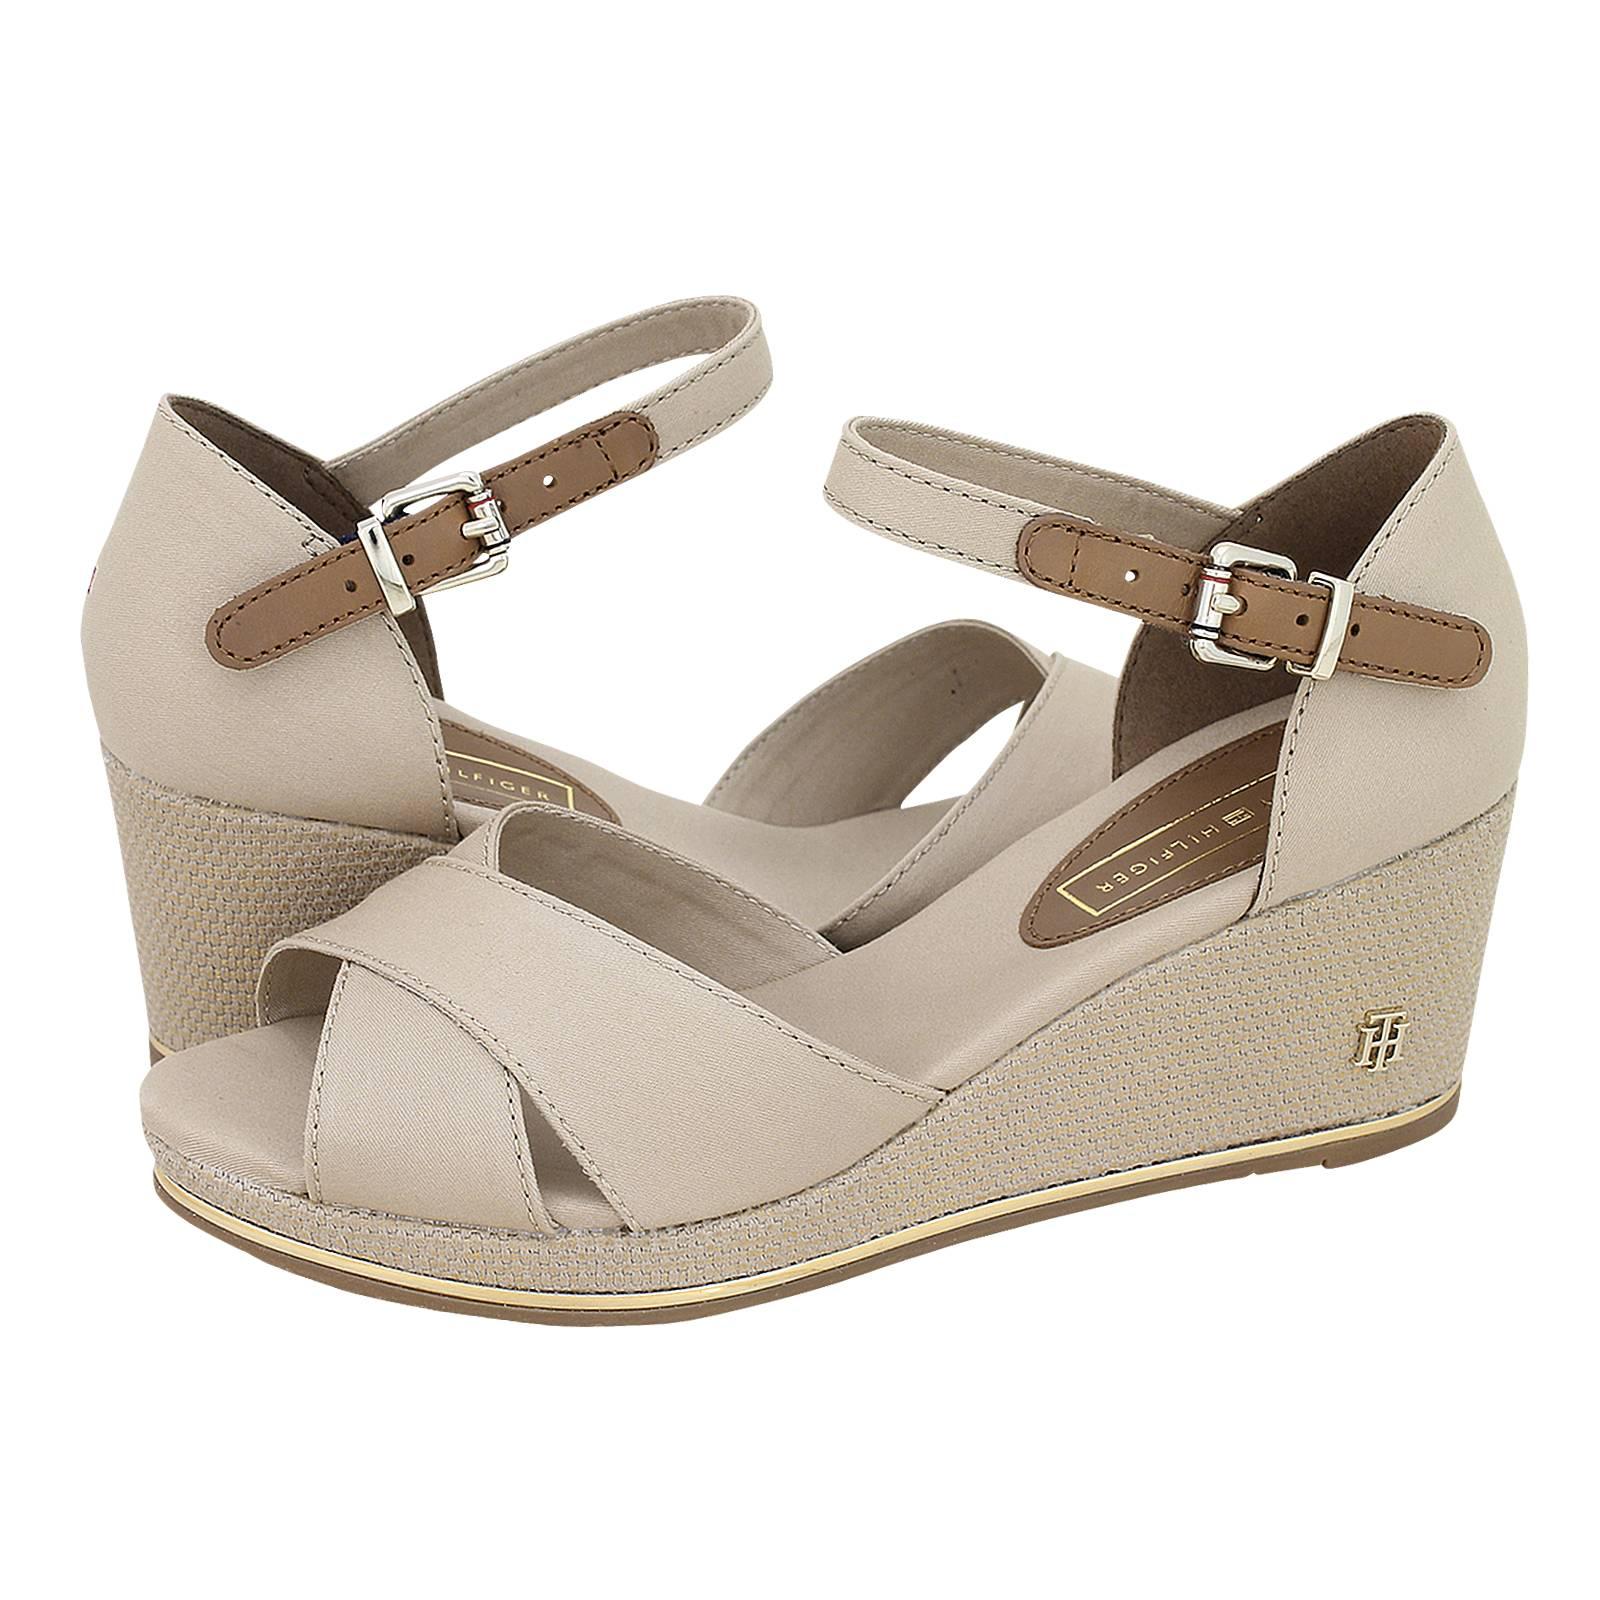 14897ee217 Feminine Mid Wedge Sandal Basic - Tommy Hilfiger Women's platforms ...